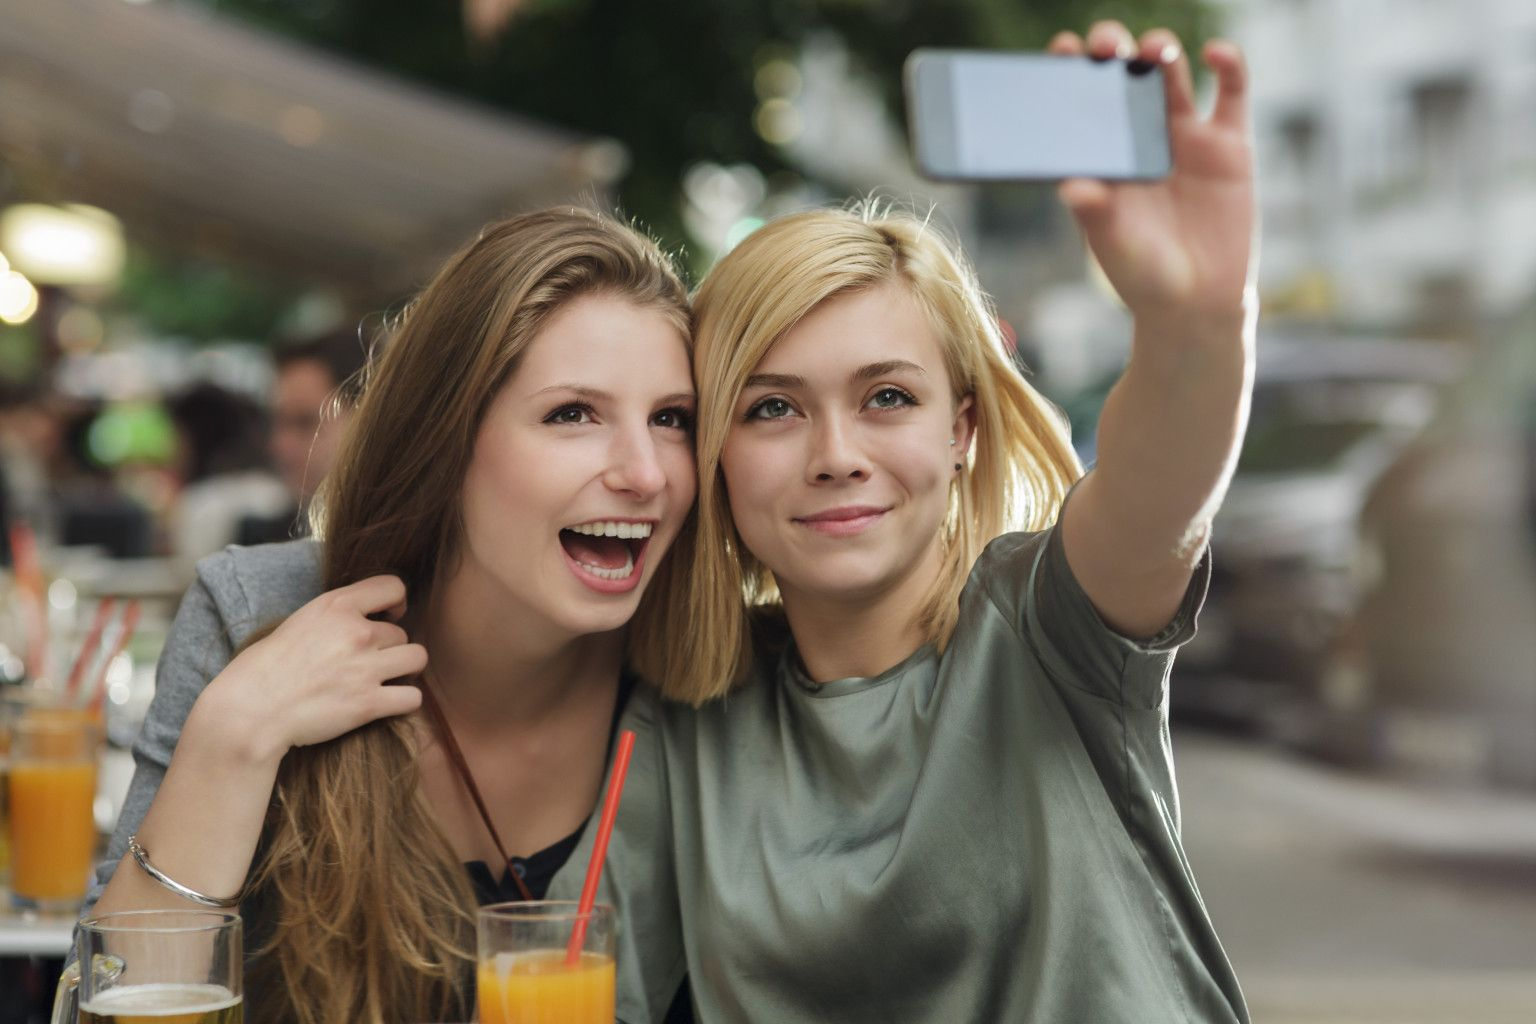 Atención mamás: las selfies aumentan el contagio de piojos entre alumnos